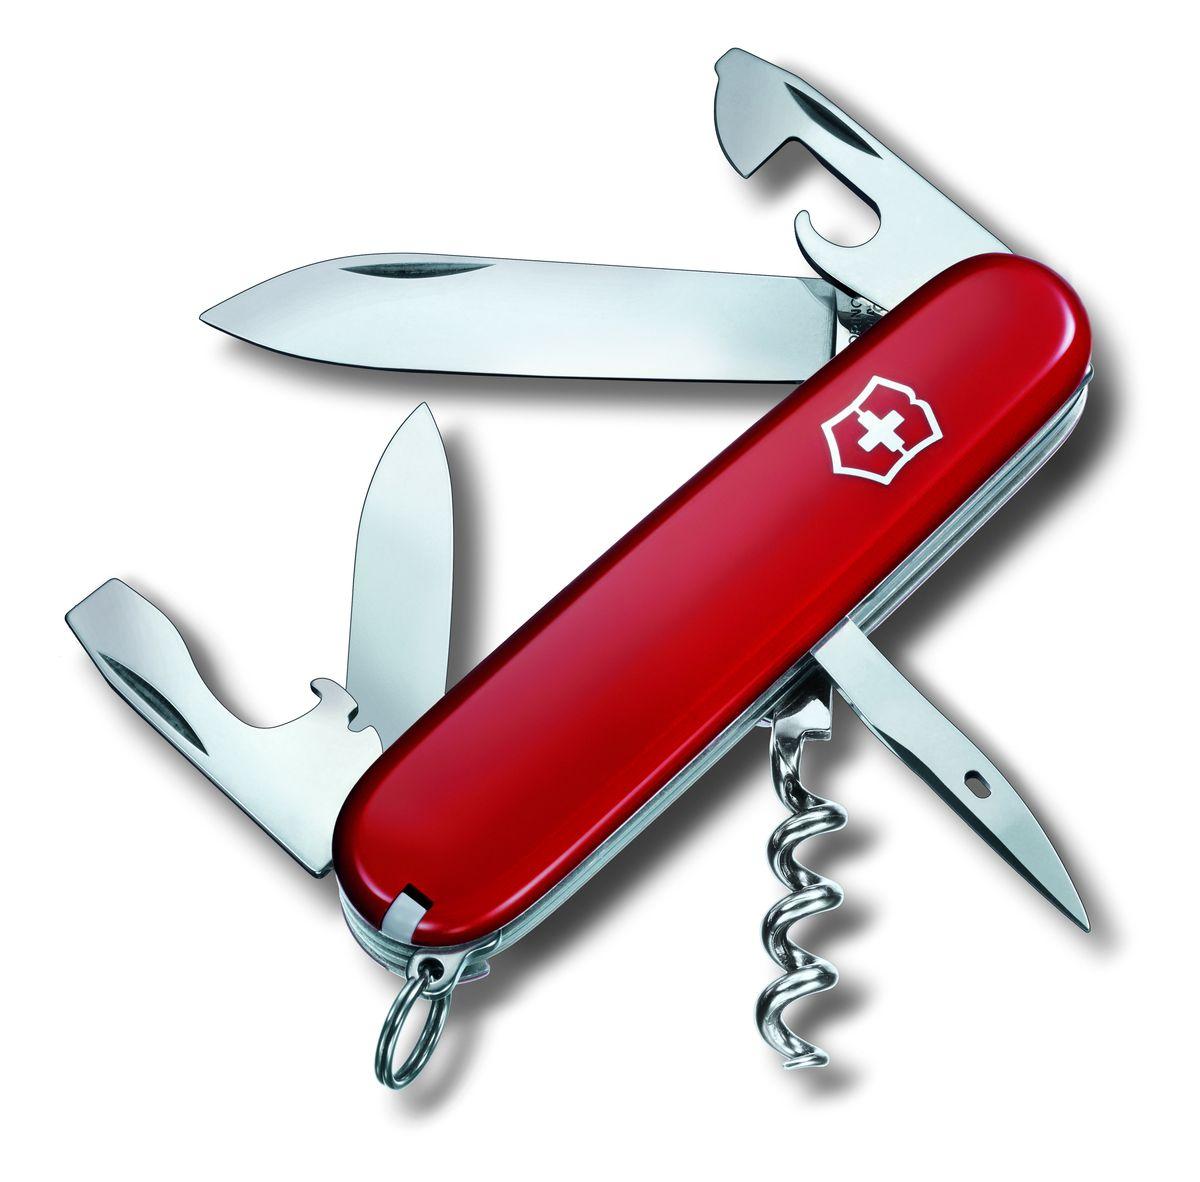 Нож перочинный Victorinox Spartan, цвет: красный, 12 функции, 9,1 см1.3603Лезвие перочинного складного ножа Victorinox Spartan изготовлено из высококачественной нержавеющей стали. Ручка, выполненная из прочного пластика, обеспечивает надежный и удобный хват.Хорошее качество, надежный долговечный материал и эргономичная рукоятка - что может быть удобнее на природе или на пикнике!Функции ножа:Большое лезвие.Малое лезвие.Штопор.Консервный нож с малой отверткой.Открывалка для бутылок с отверткой.Инструментом для снятия изоляции.Шило, кернер.Кольцо для ключей.Пинцет.Зубочистка.Длина ножа в сложенном виде: 9,1 см.Длина ножа в разложенном виде: 15,8 см.Длина большого лезвия: 7 см.Длина малого лезвия: 4,3 см.